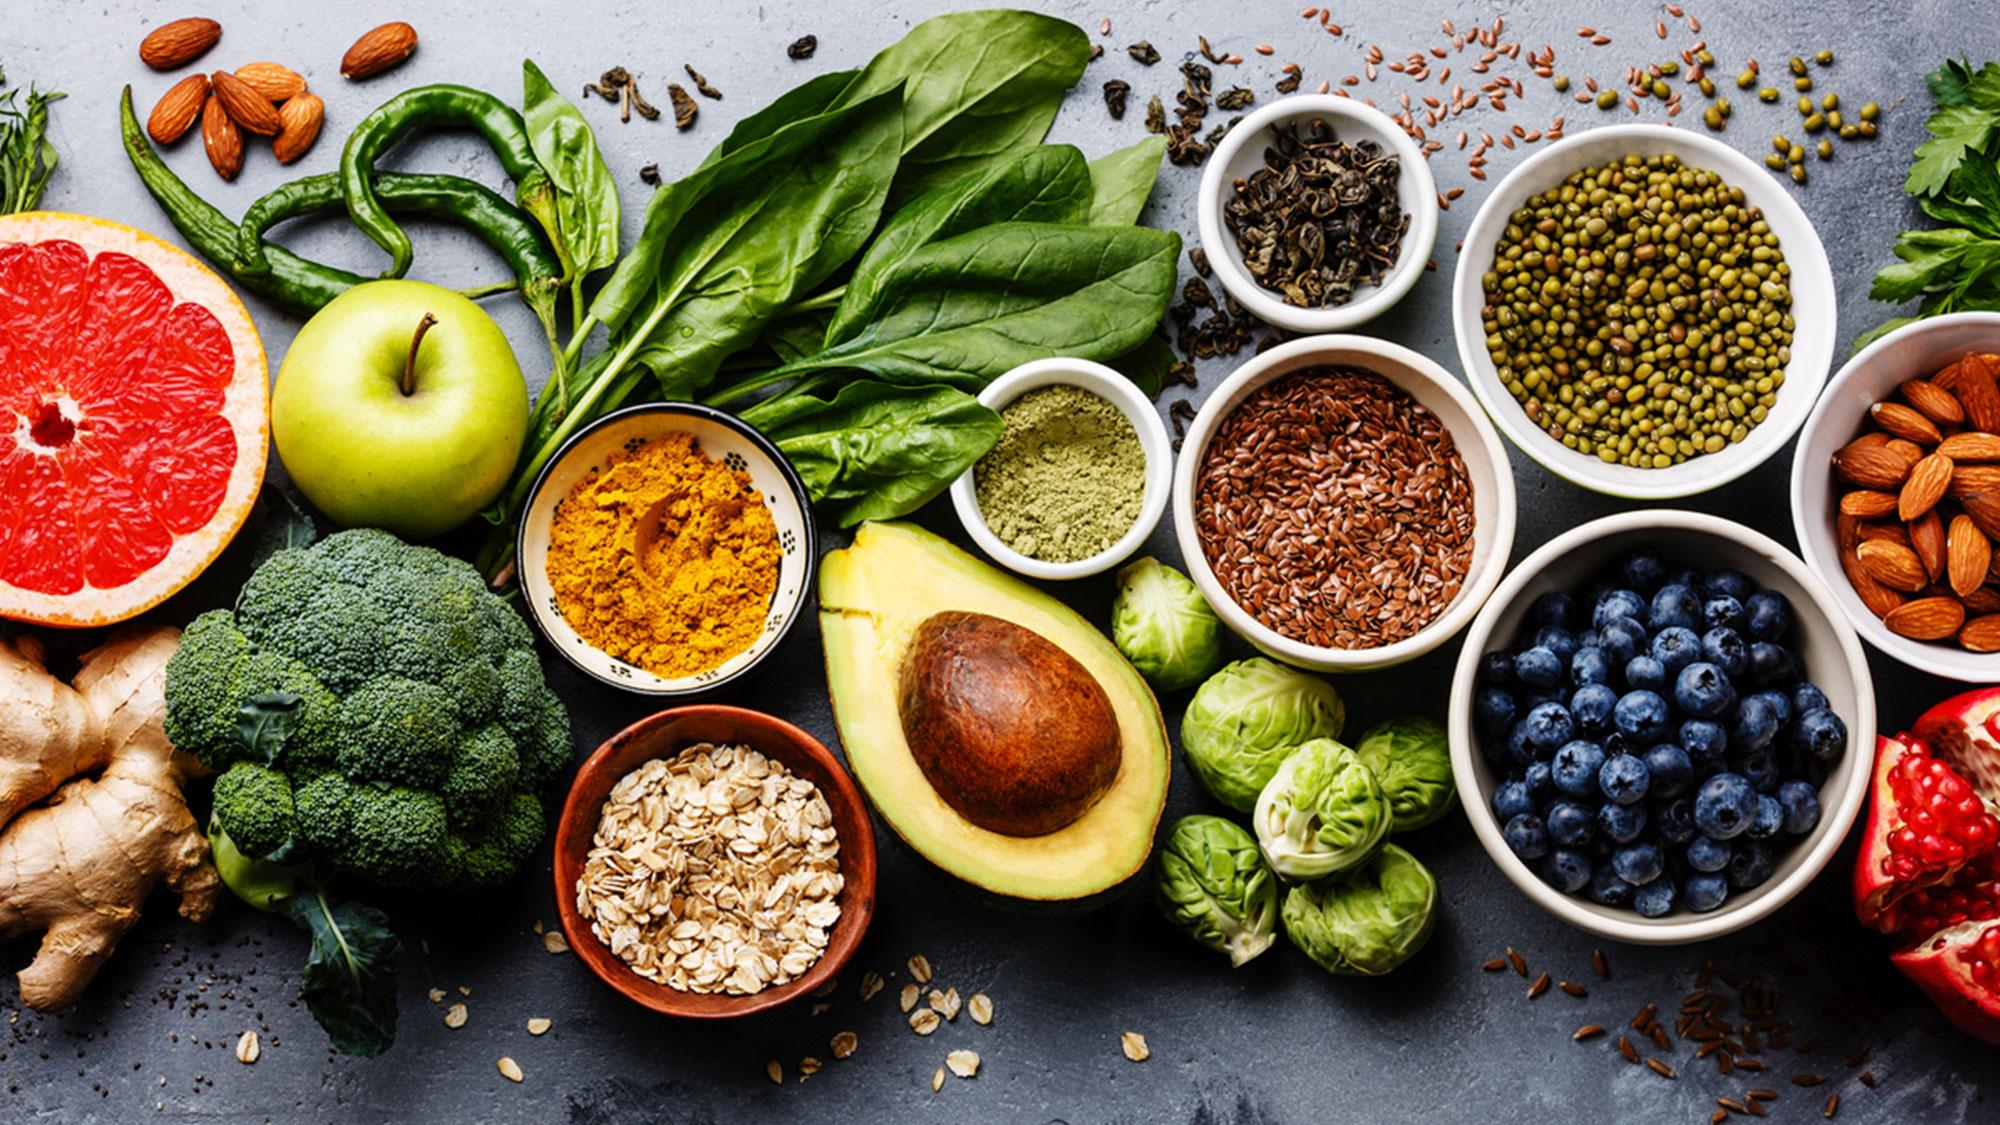 شروط الطعام الصحي ودوره في بناء الجسم